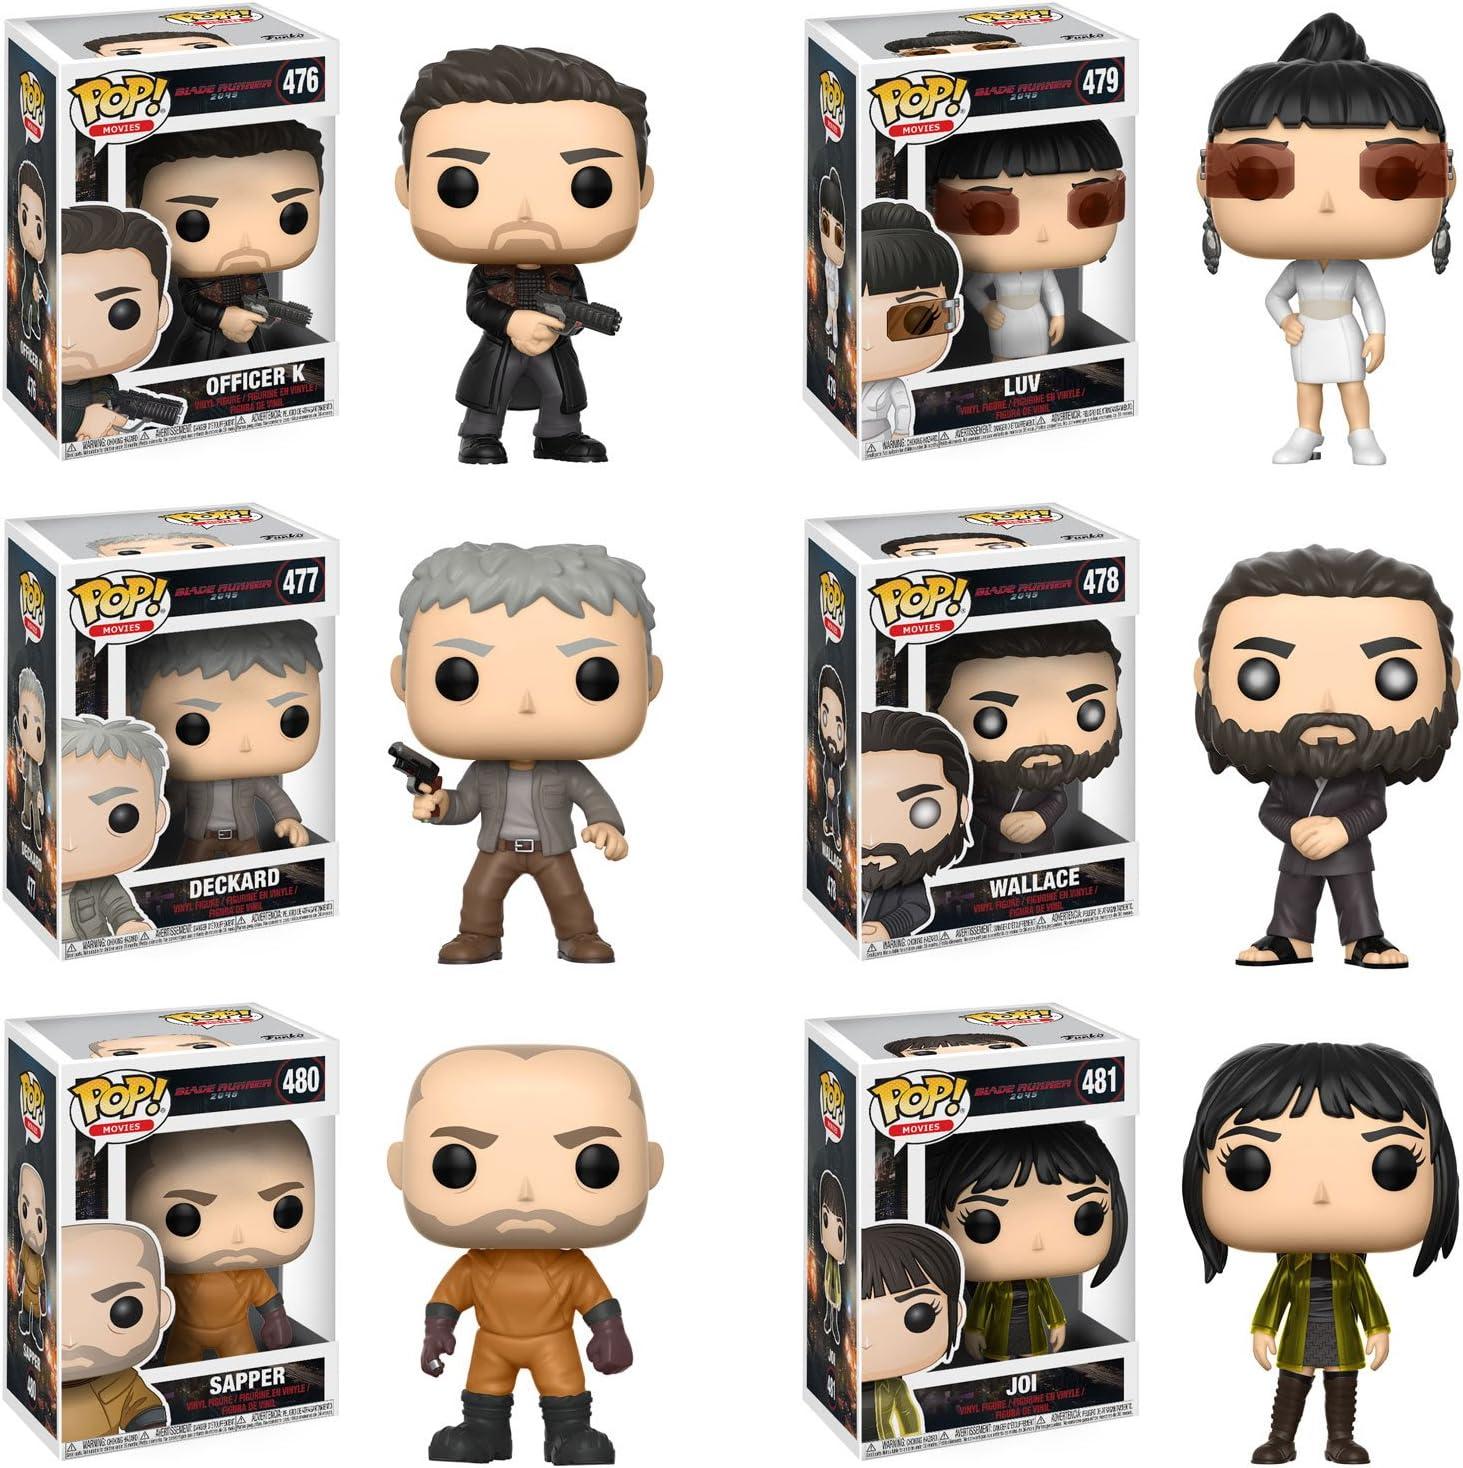 Blade Runner 2049 POP Movies Deckard Brand New In Box Funko